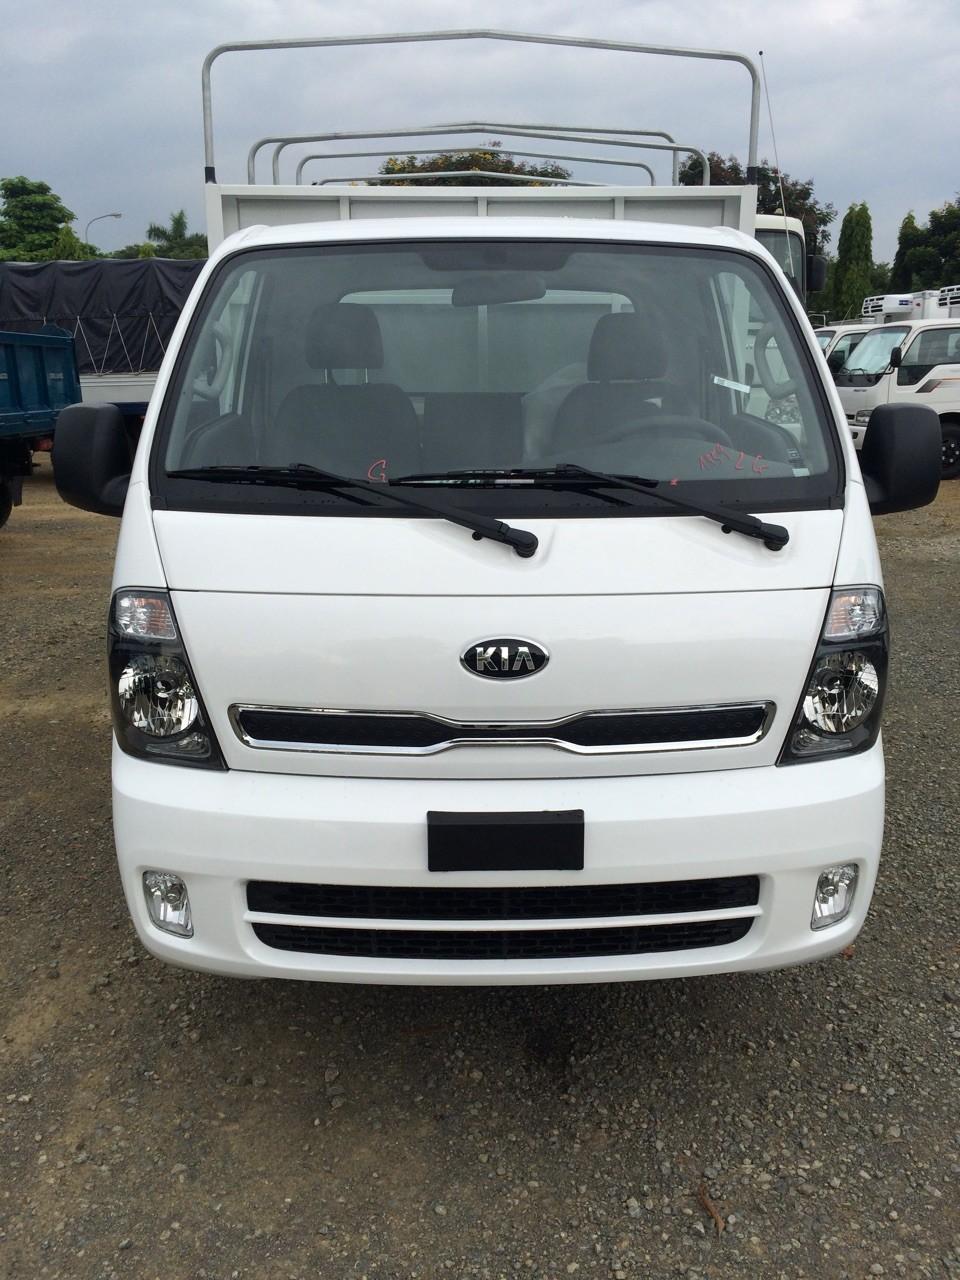 Bán xe tải Kia K200 rẻ nhất Hà Nội - LH: 0984479100